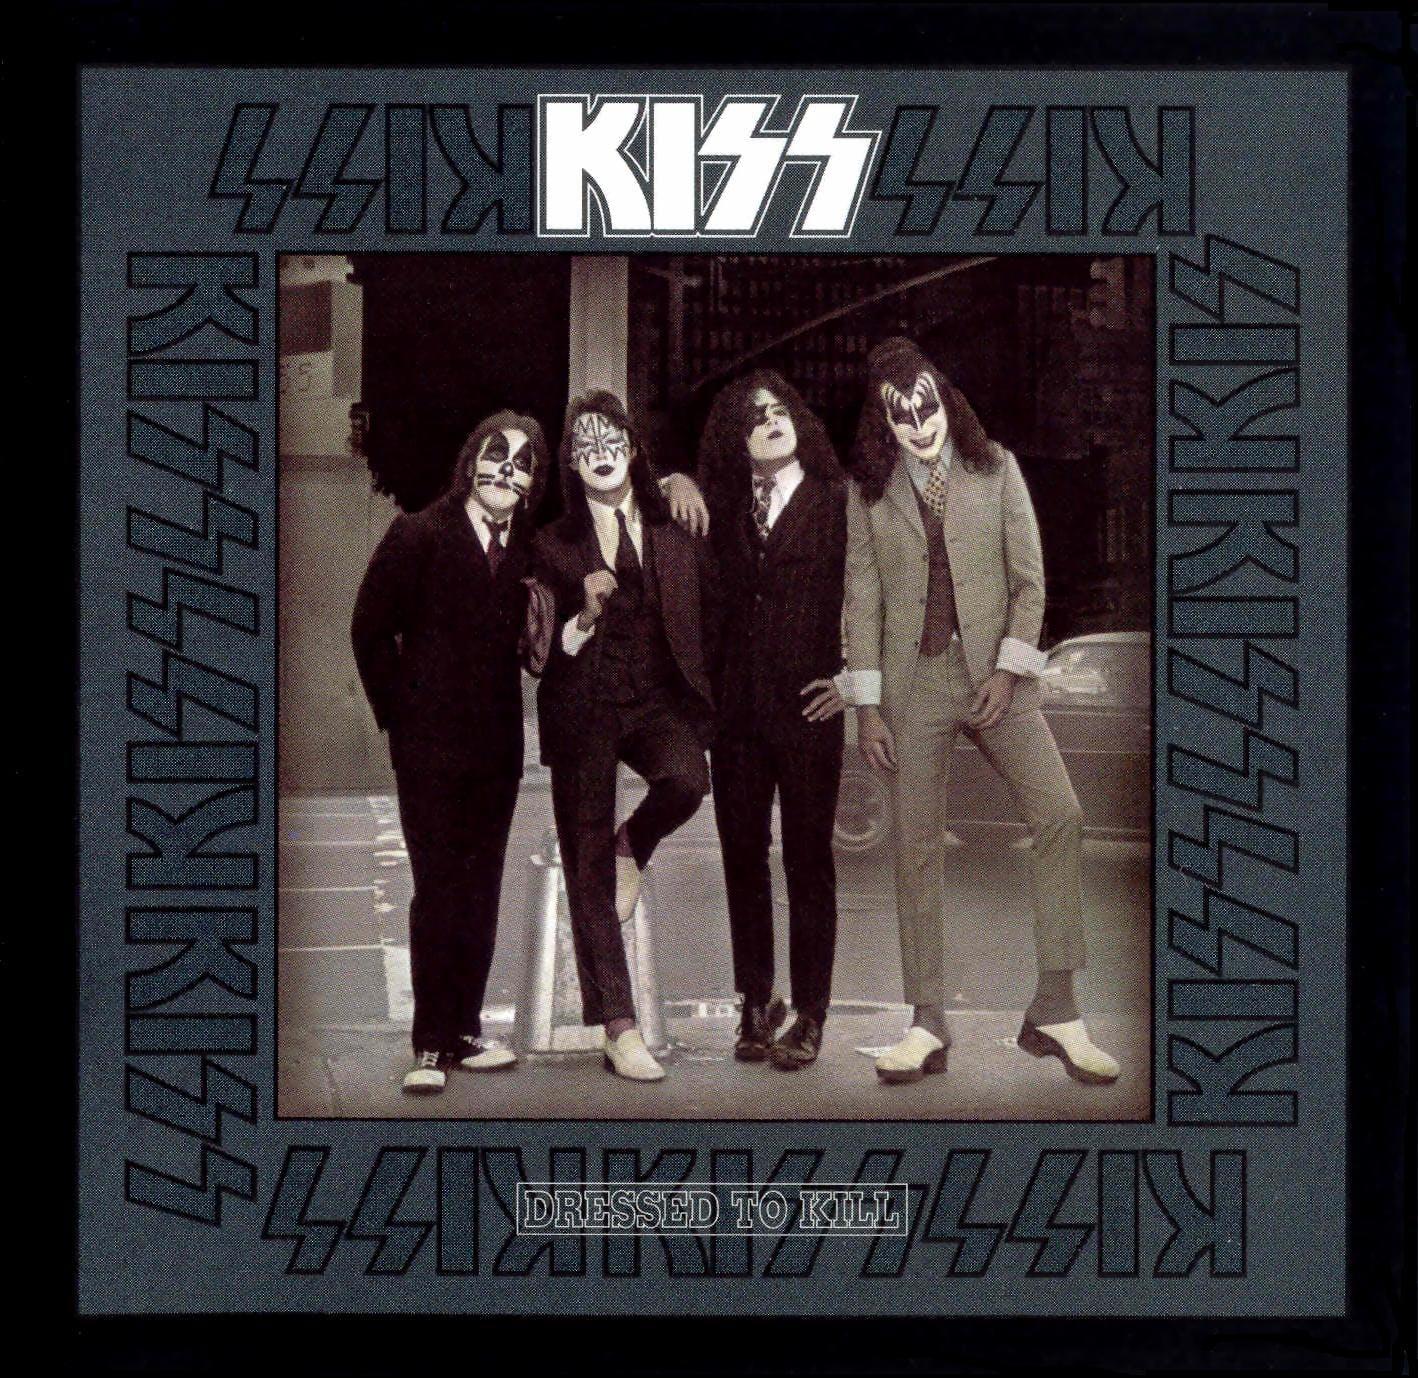 Kiss, Dressed to Kill